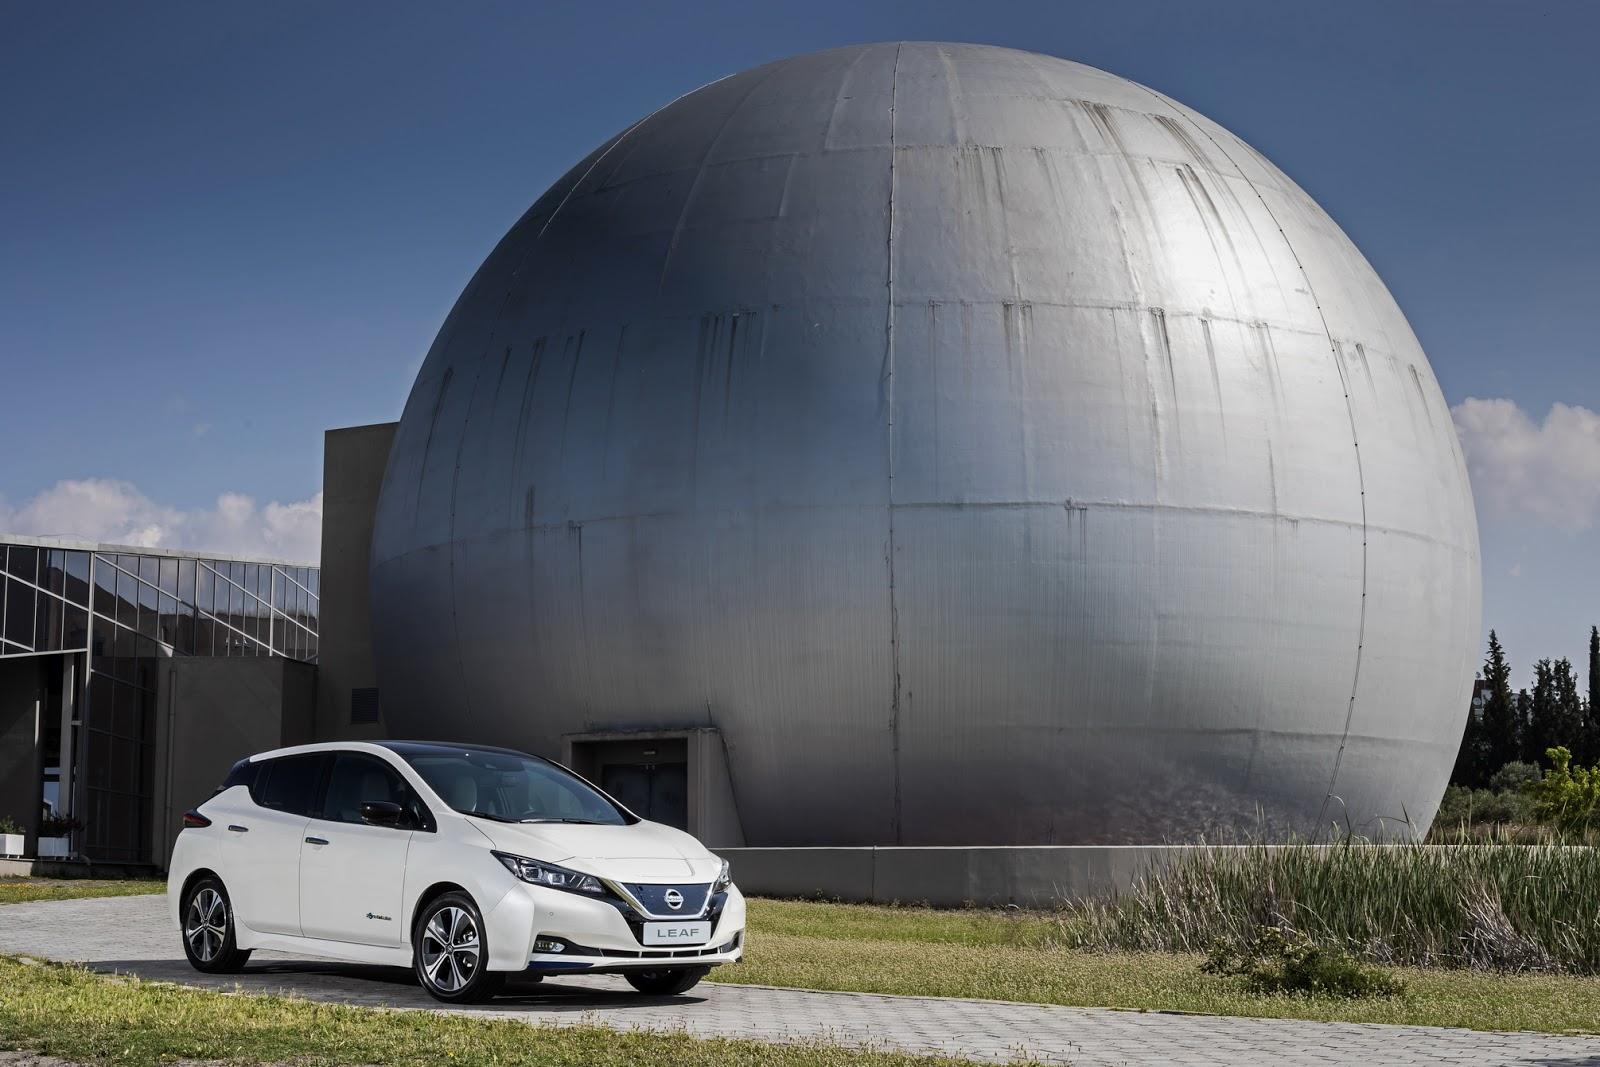 LEAF NL 012B252812529 Στη ΔΕΘ το Nissan LEAF ως... ταξί του μέλλοντος Nissan, Nissan LEAF